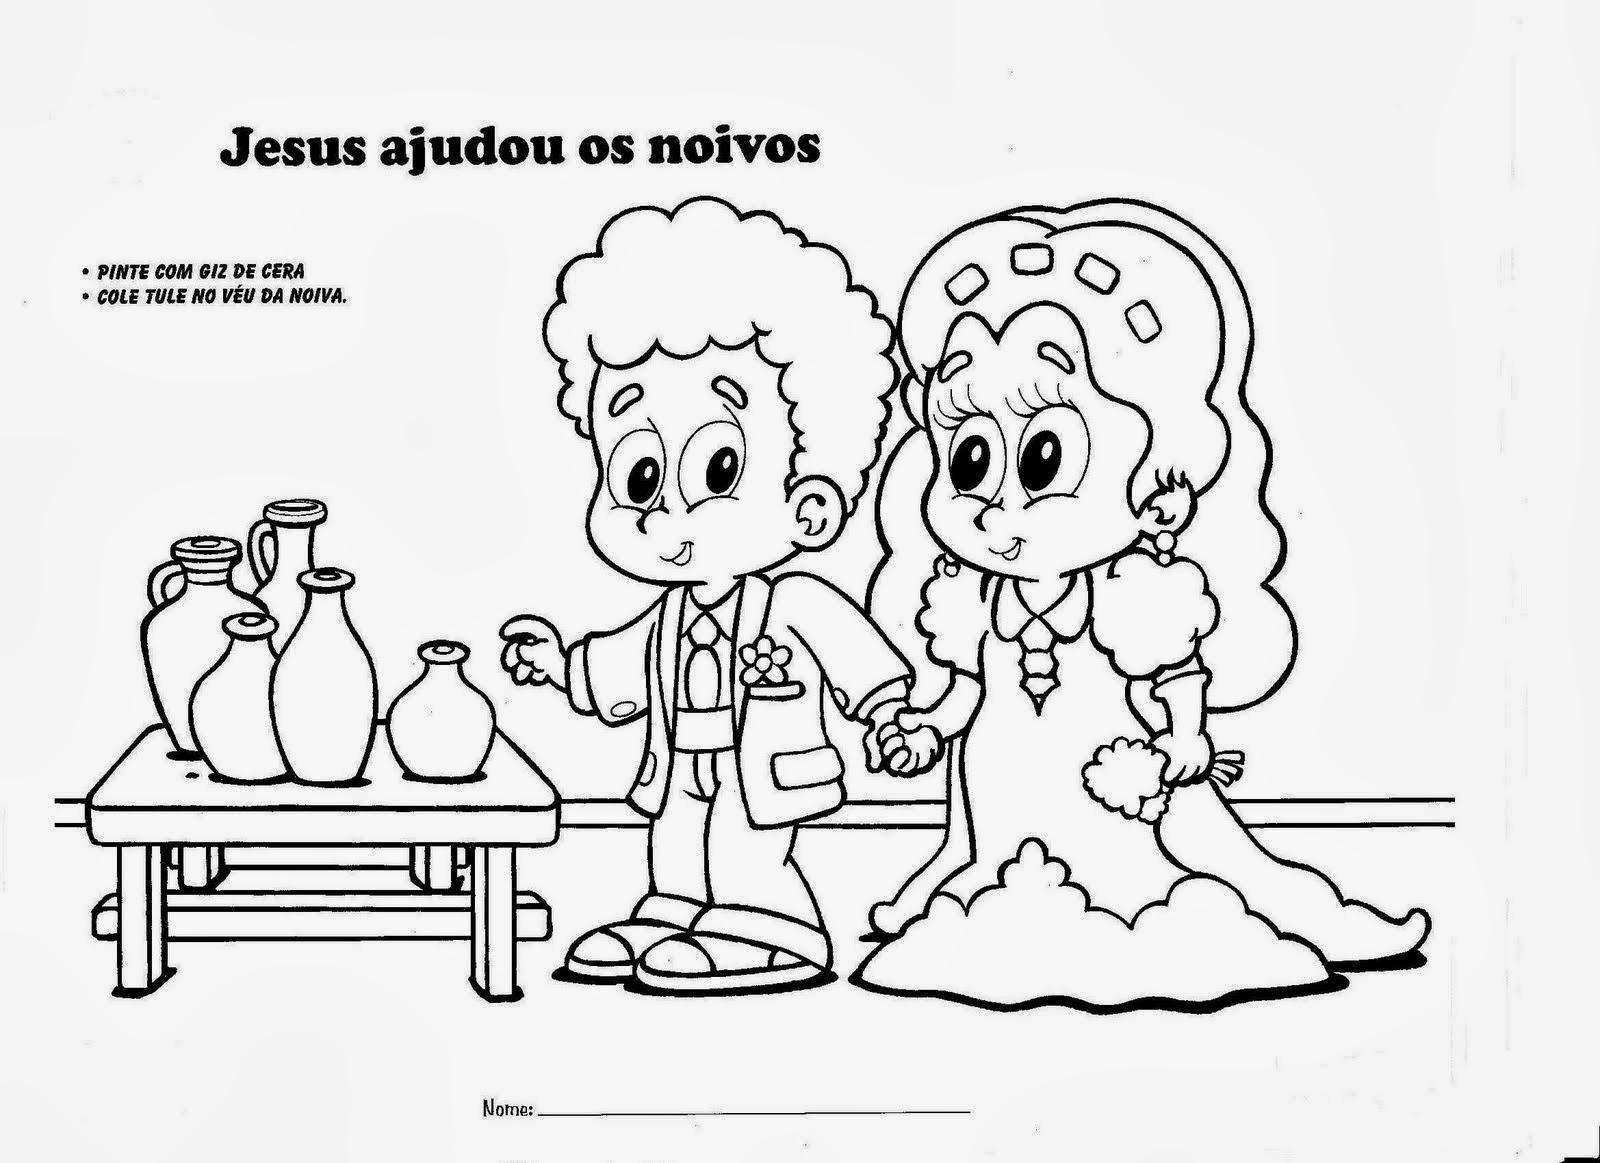 marcinha anjos jesus transforma água em vinho